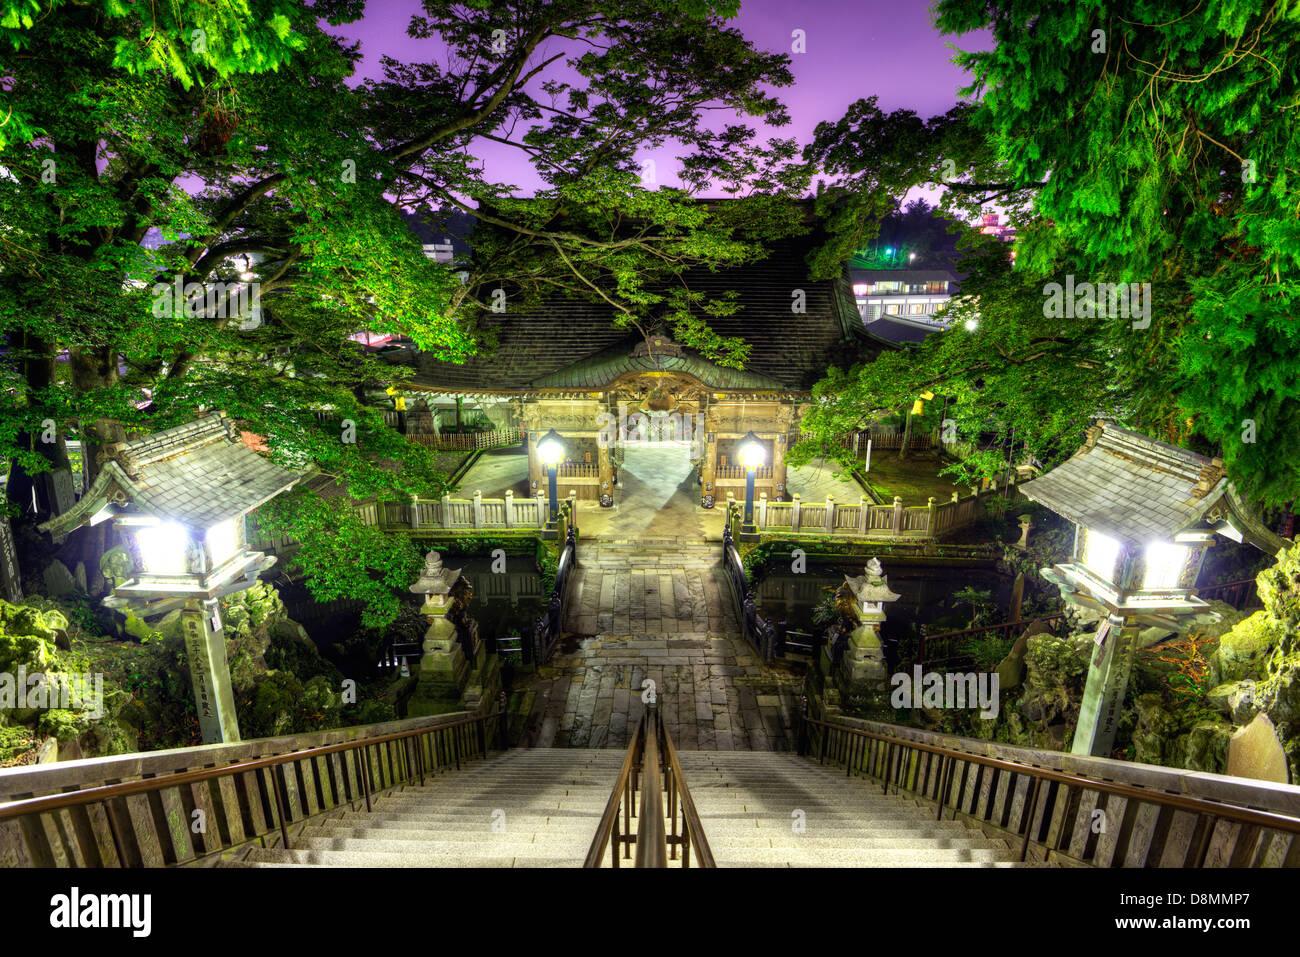 Narita Shrine in Narita, Japan founded in 940 A.D. Stock Photo